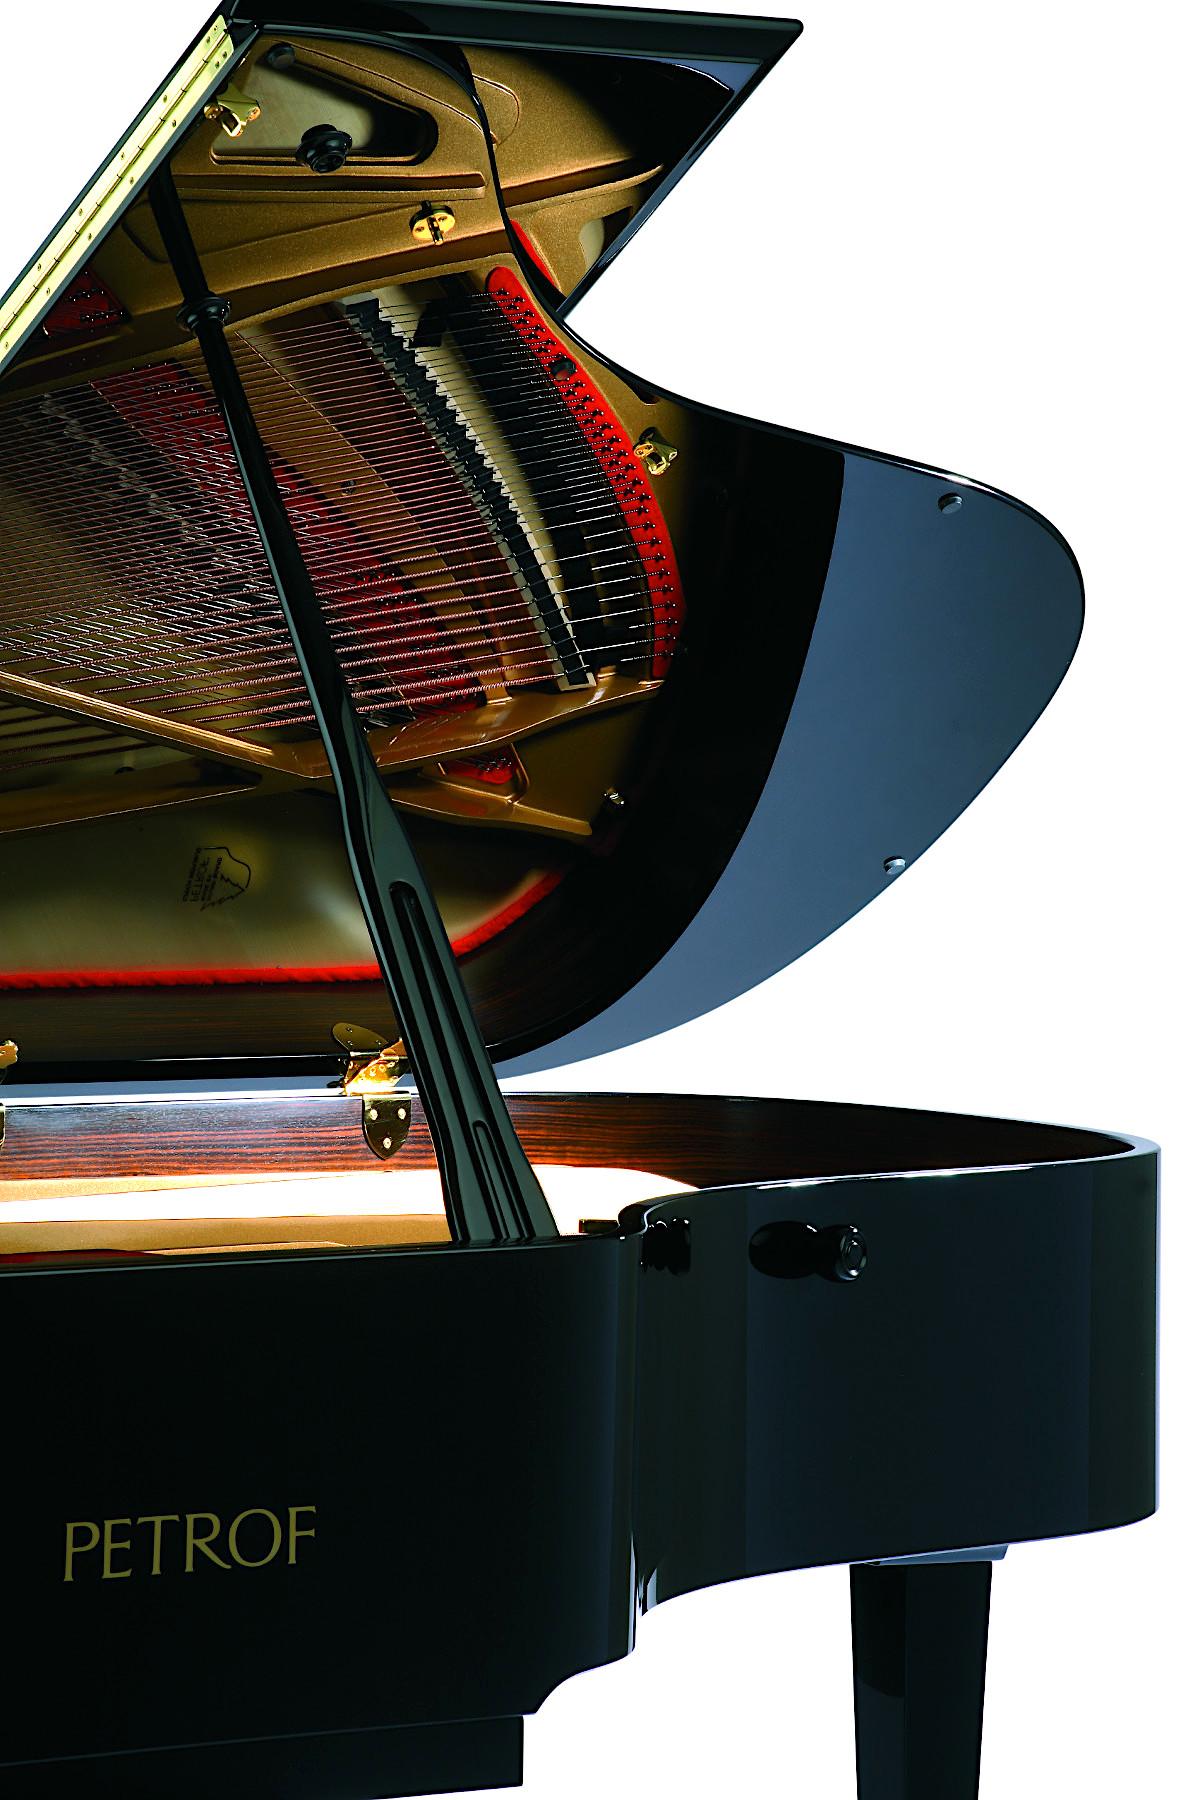 Акустический рояль PETROF P 194 Storm черный Фото 4